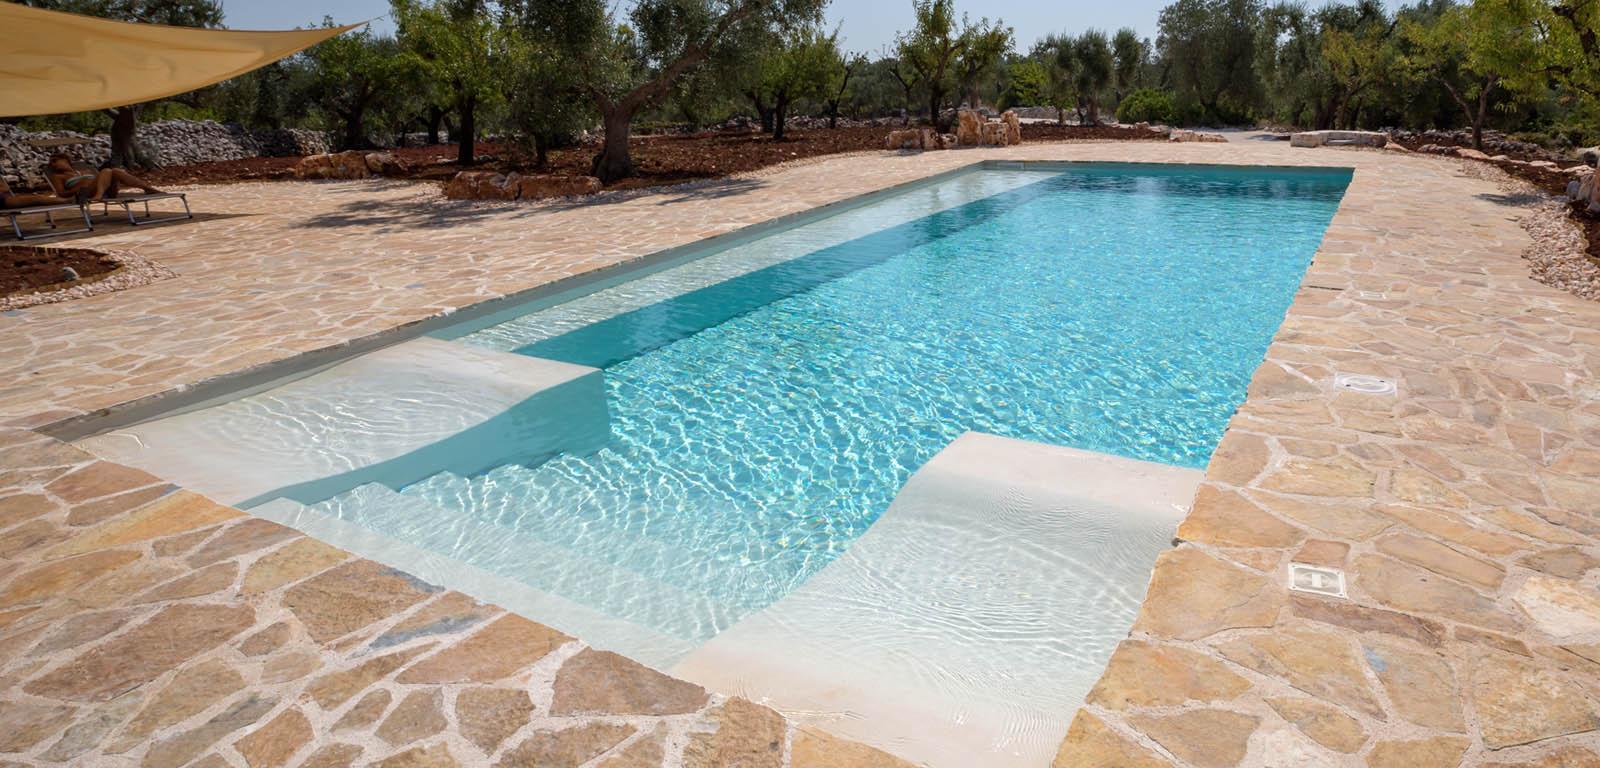 Piscine con rivestimento bianco piscine castiglione - Piscine per giardino ...